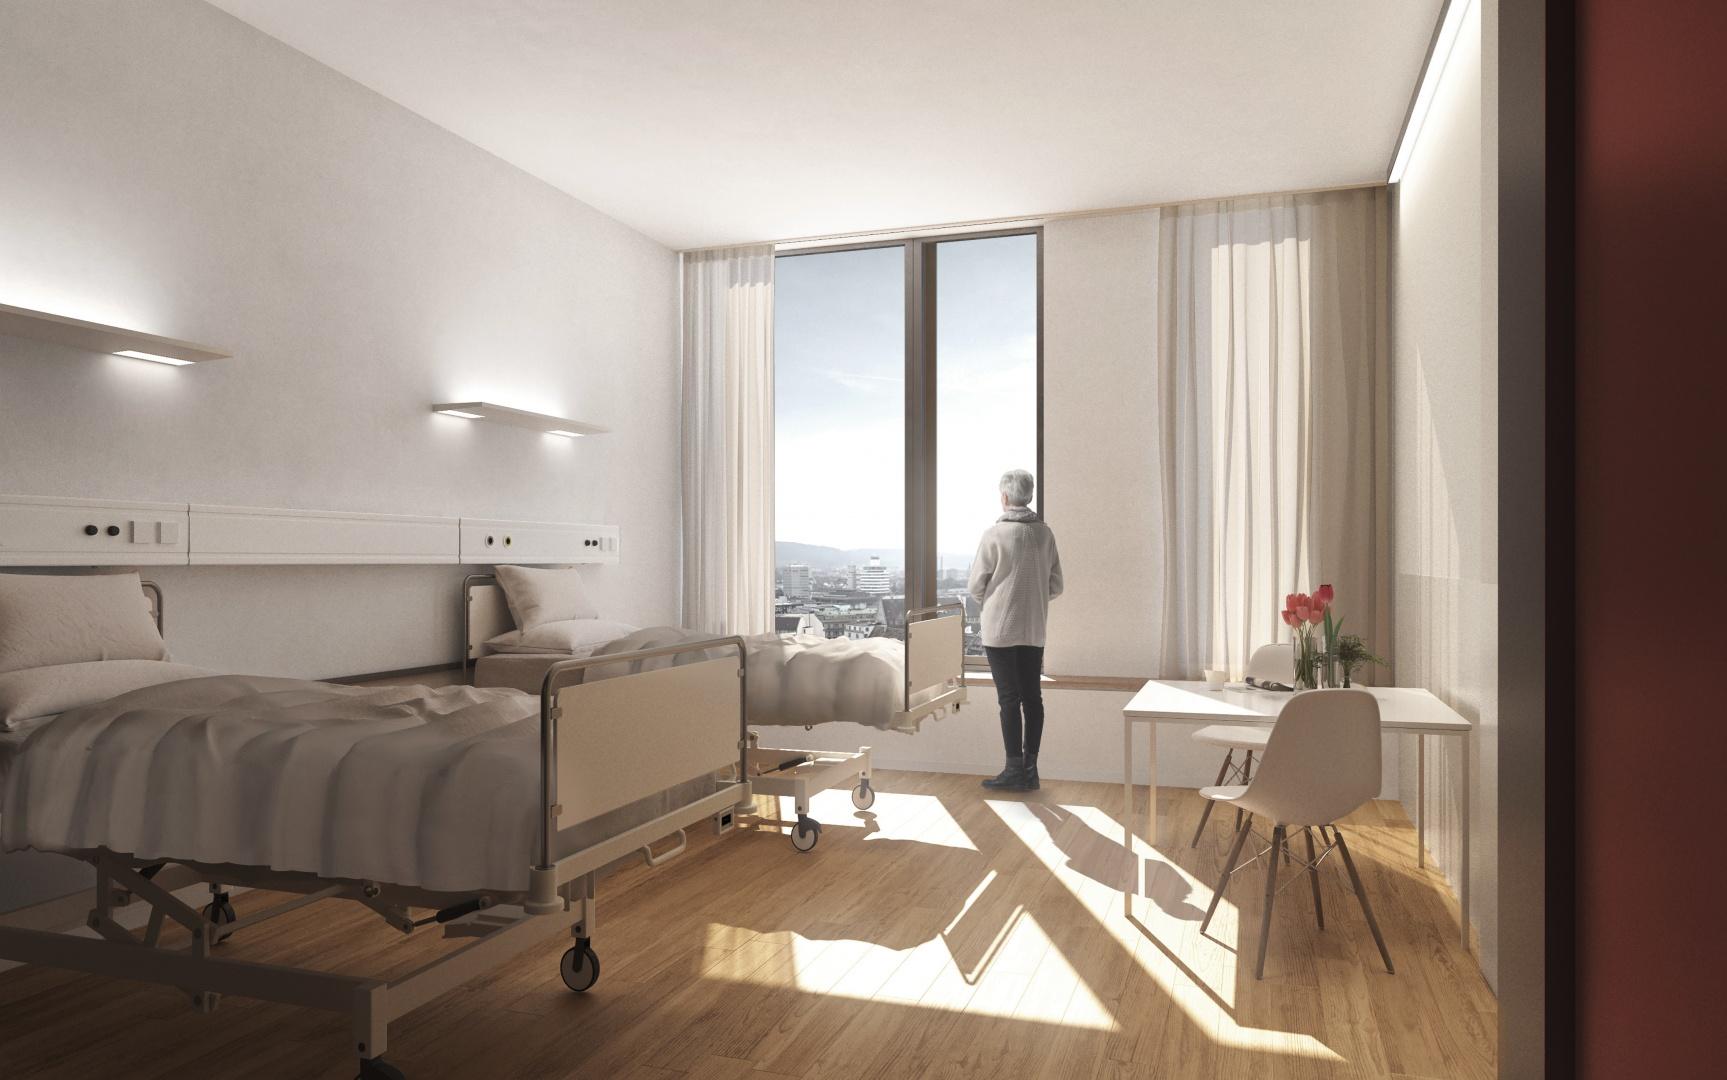 BB12 - Doppelzimmer Fensterblick © Planergemeinschaft Archipel, Seelandweg 7, 3013 Bern